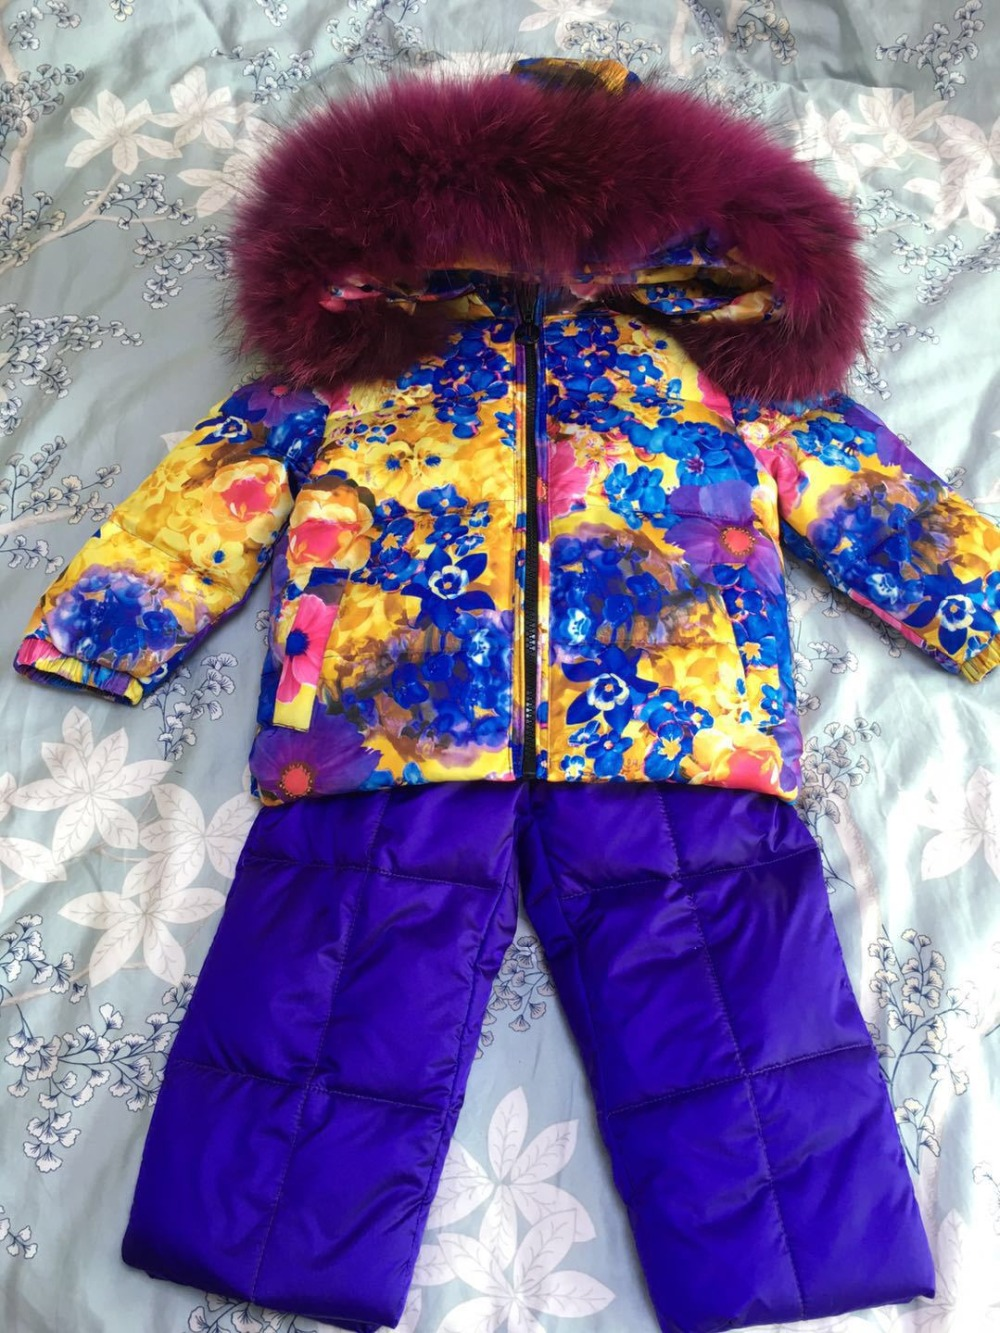 2018 зимние детские пуховики для девочек зимний костюм для детей комплекты одежды для детей теплые детские пуховики Верхняя одежда пальто + б